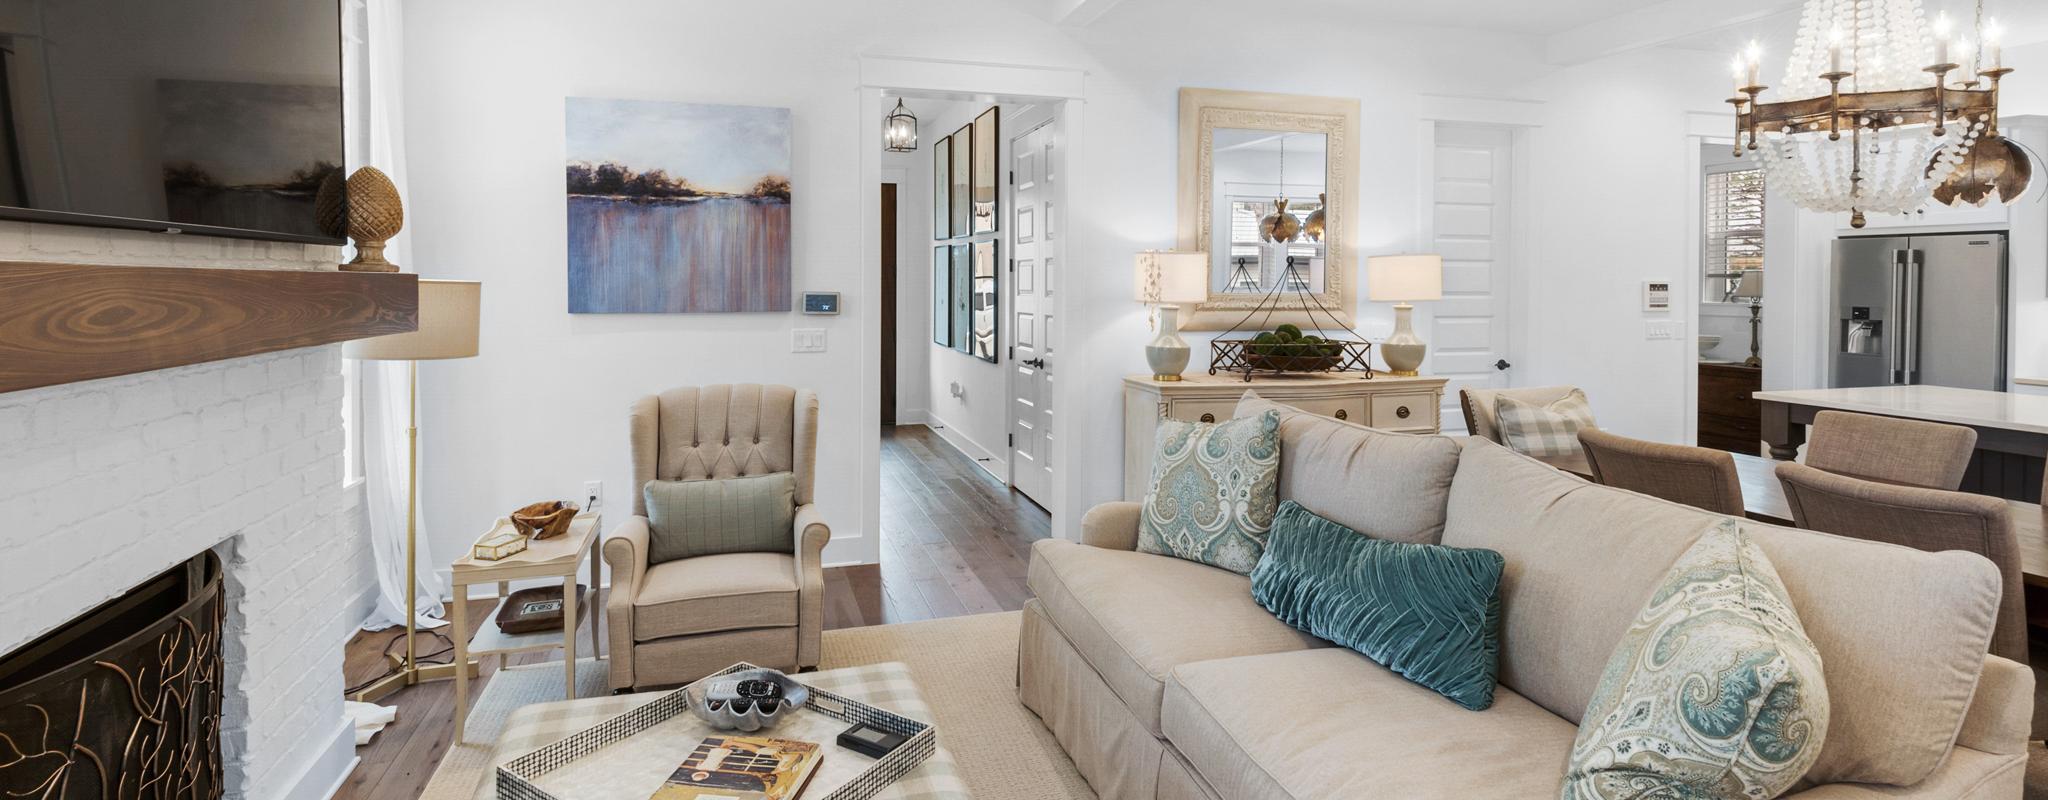 Open living area in RidgeWalk home